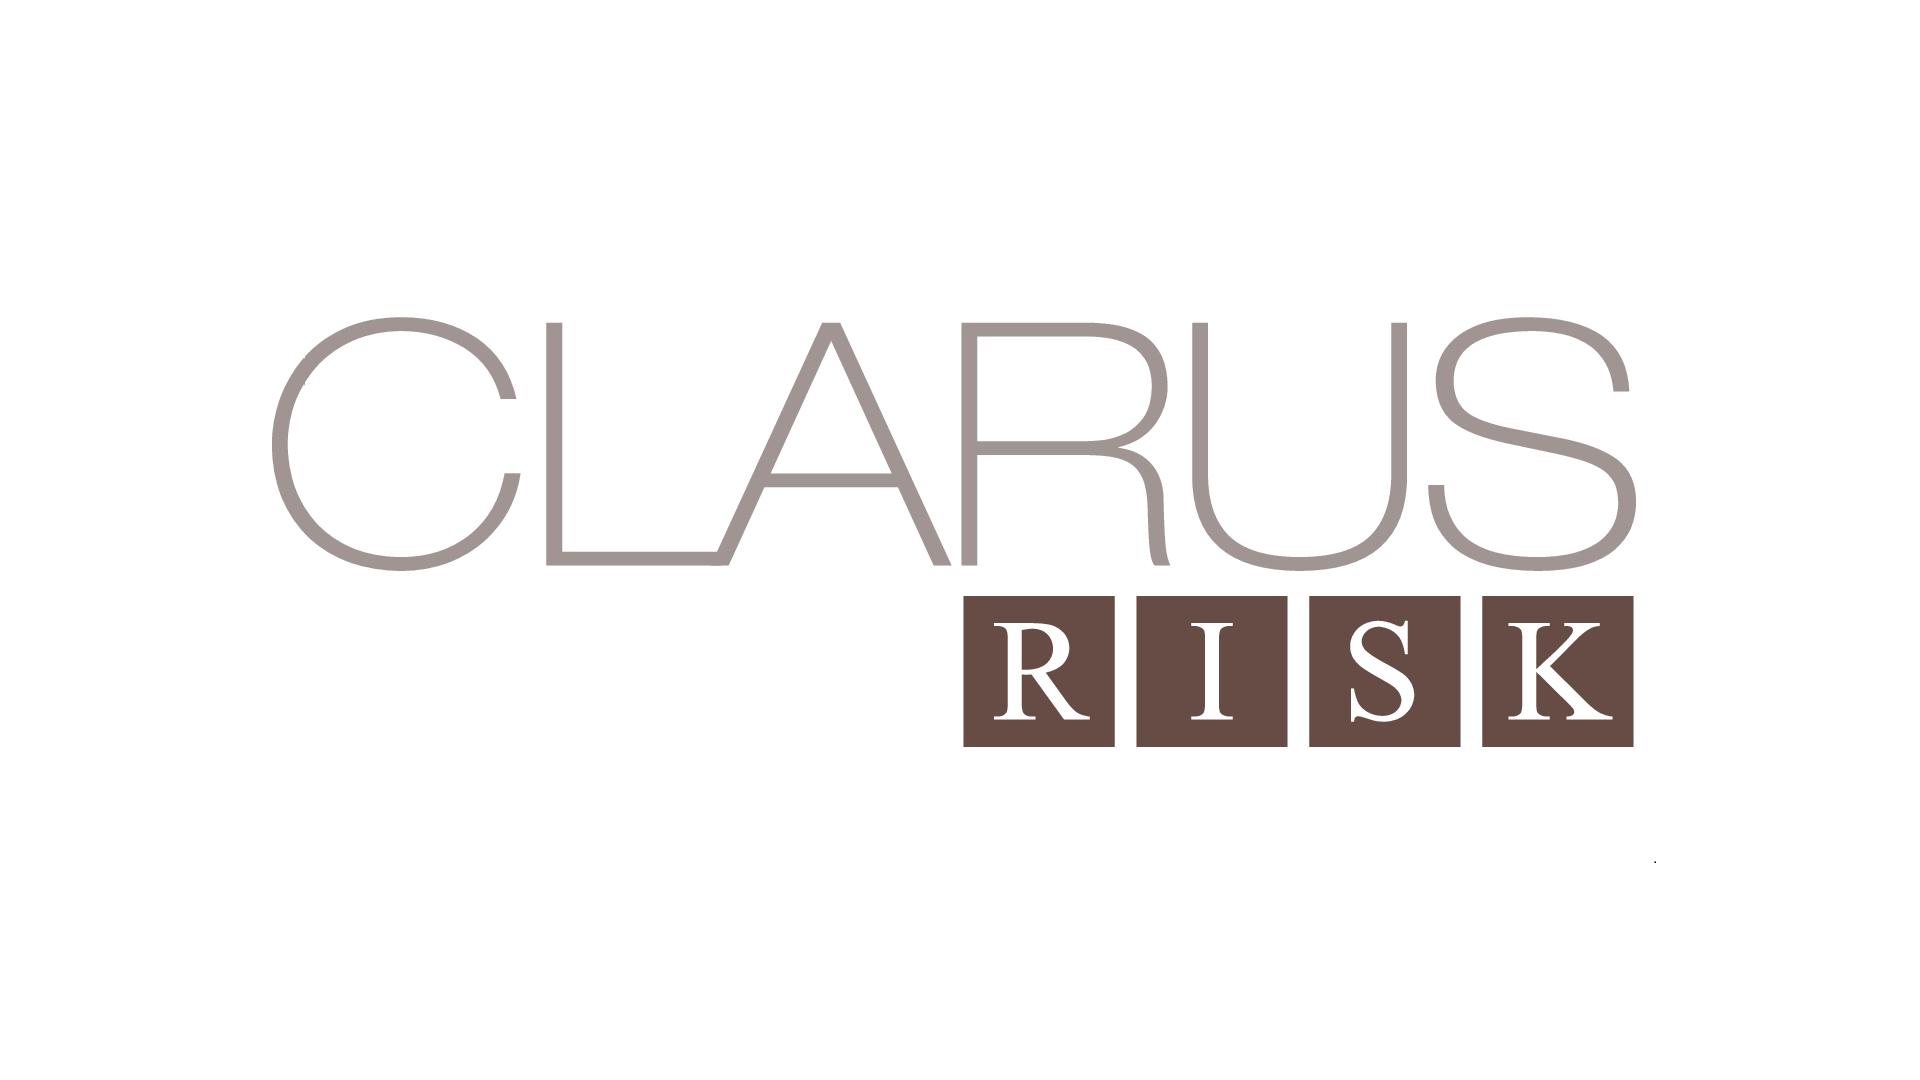 ClarusRisk